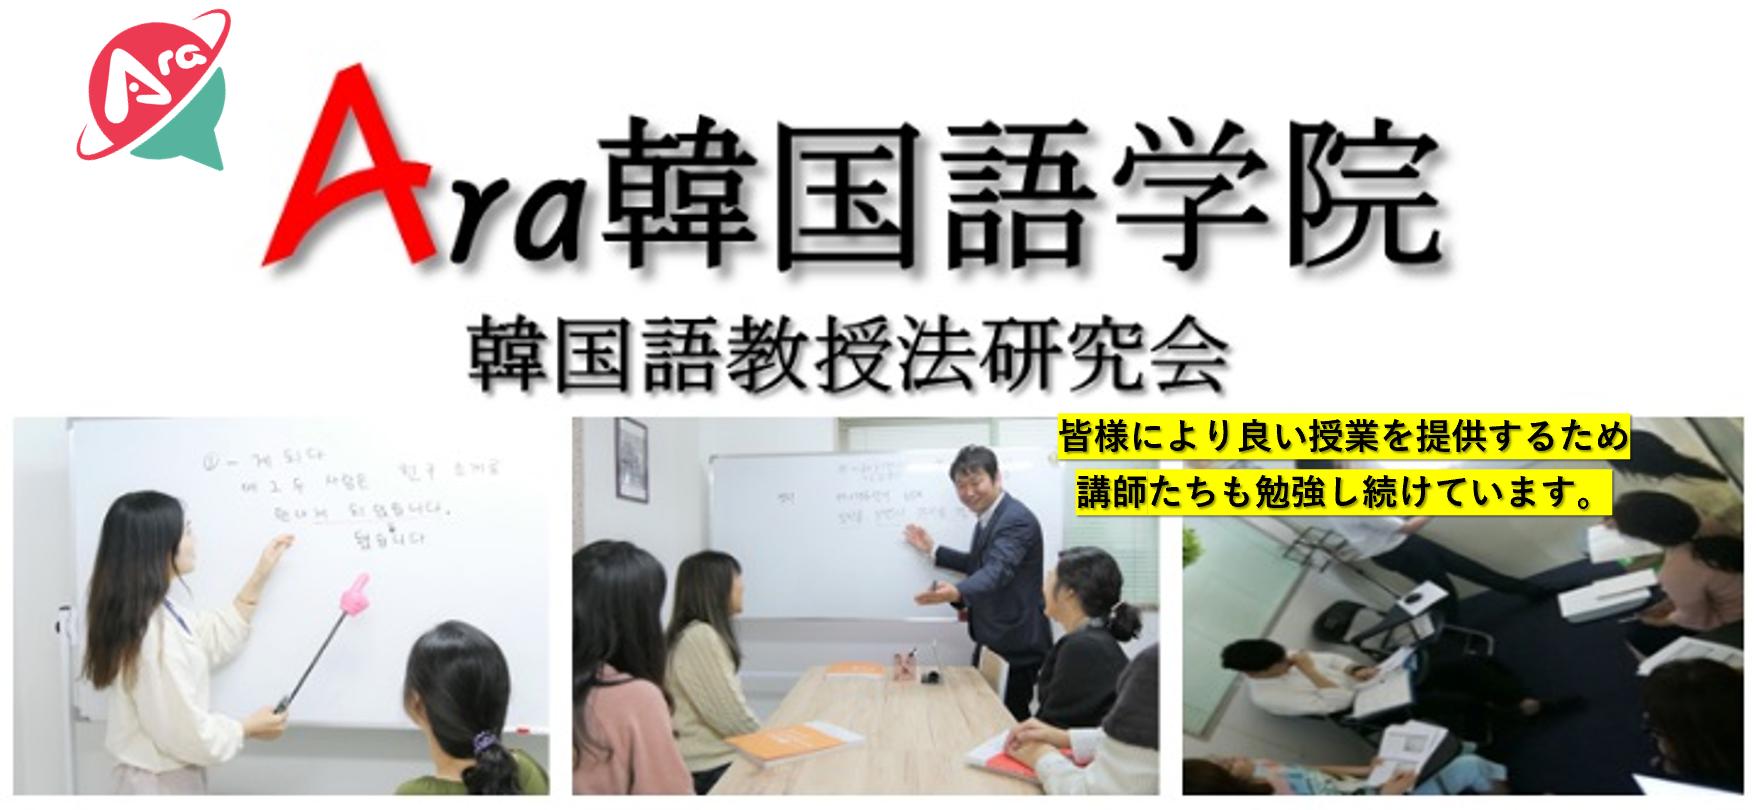 三ノ宮、神戸韓国語、三ノ宮韓国語、神戸韓国語教室、韓国語神戸.png